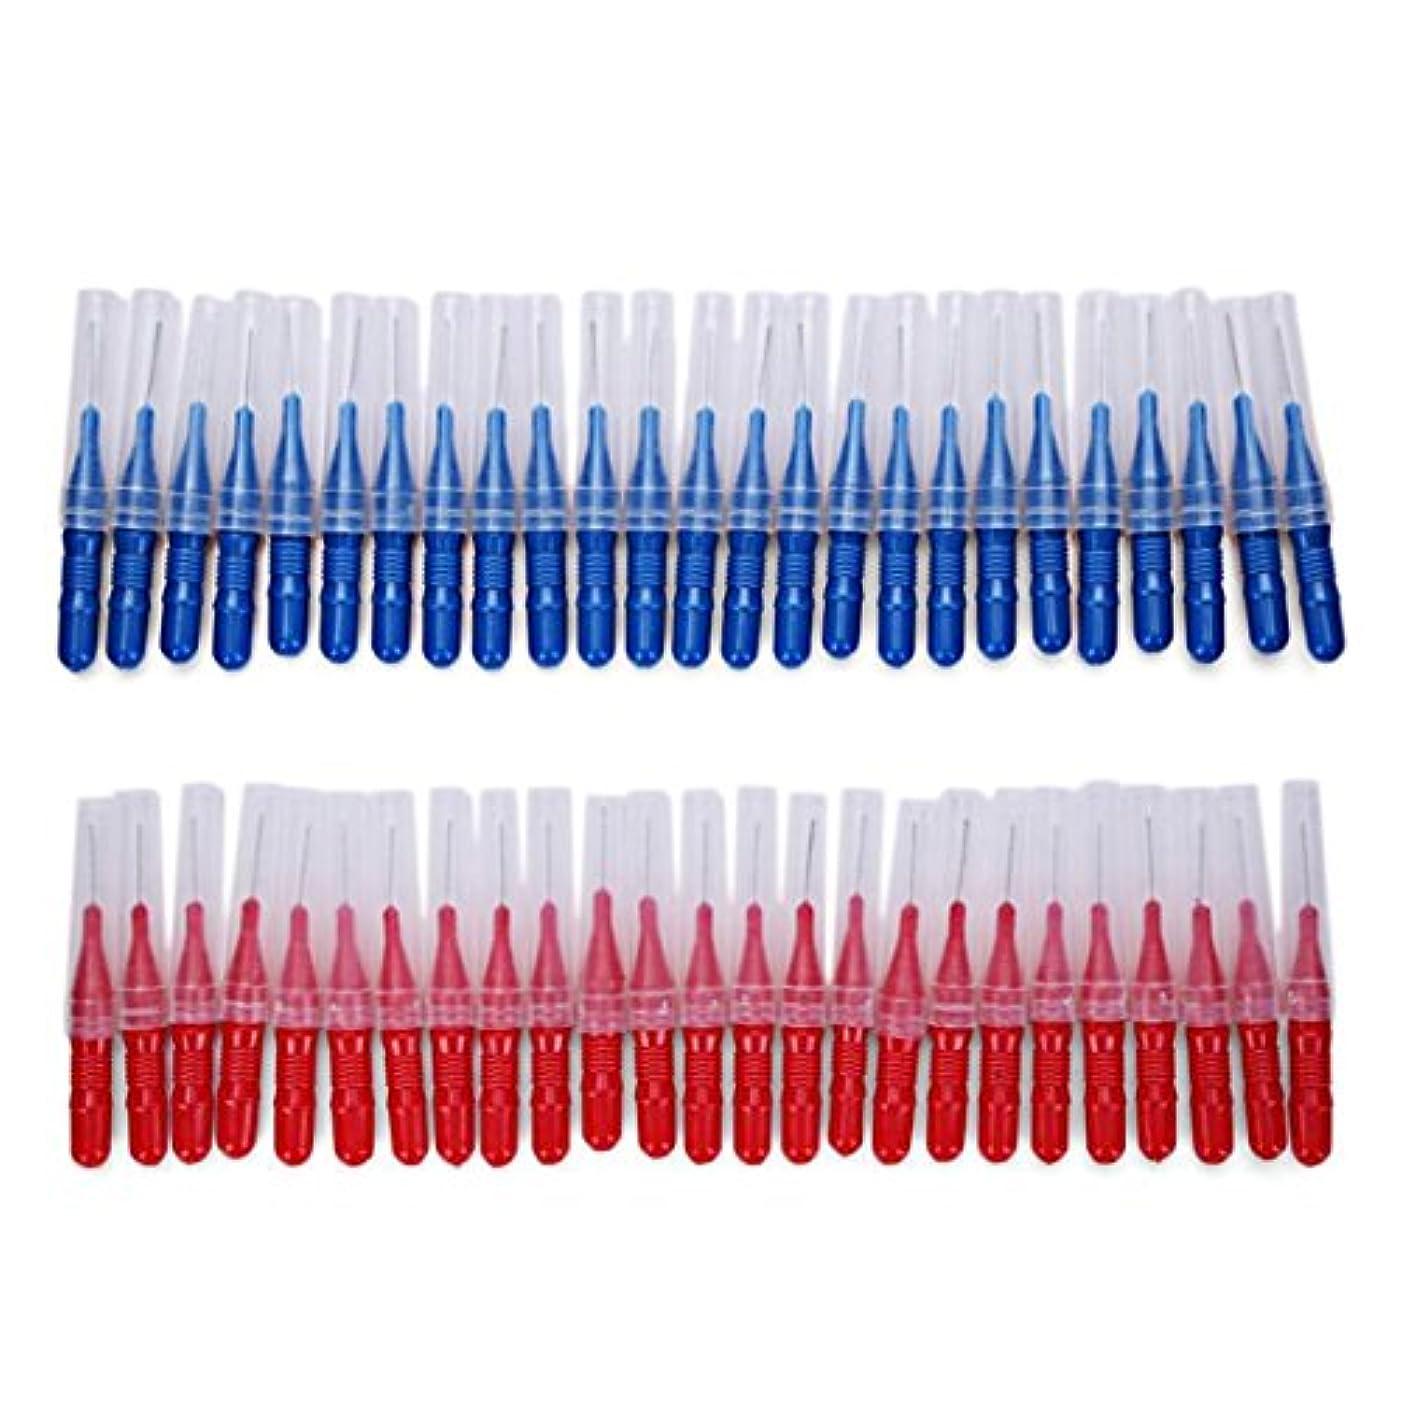 再生可能アマゾンジャングル菊2.5ミリメートル50ピース/セットブラッシング歯すきま歯ブラシクリーニングツール歯のケア歯科用歯間ブラシ - 赤と青